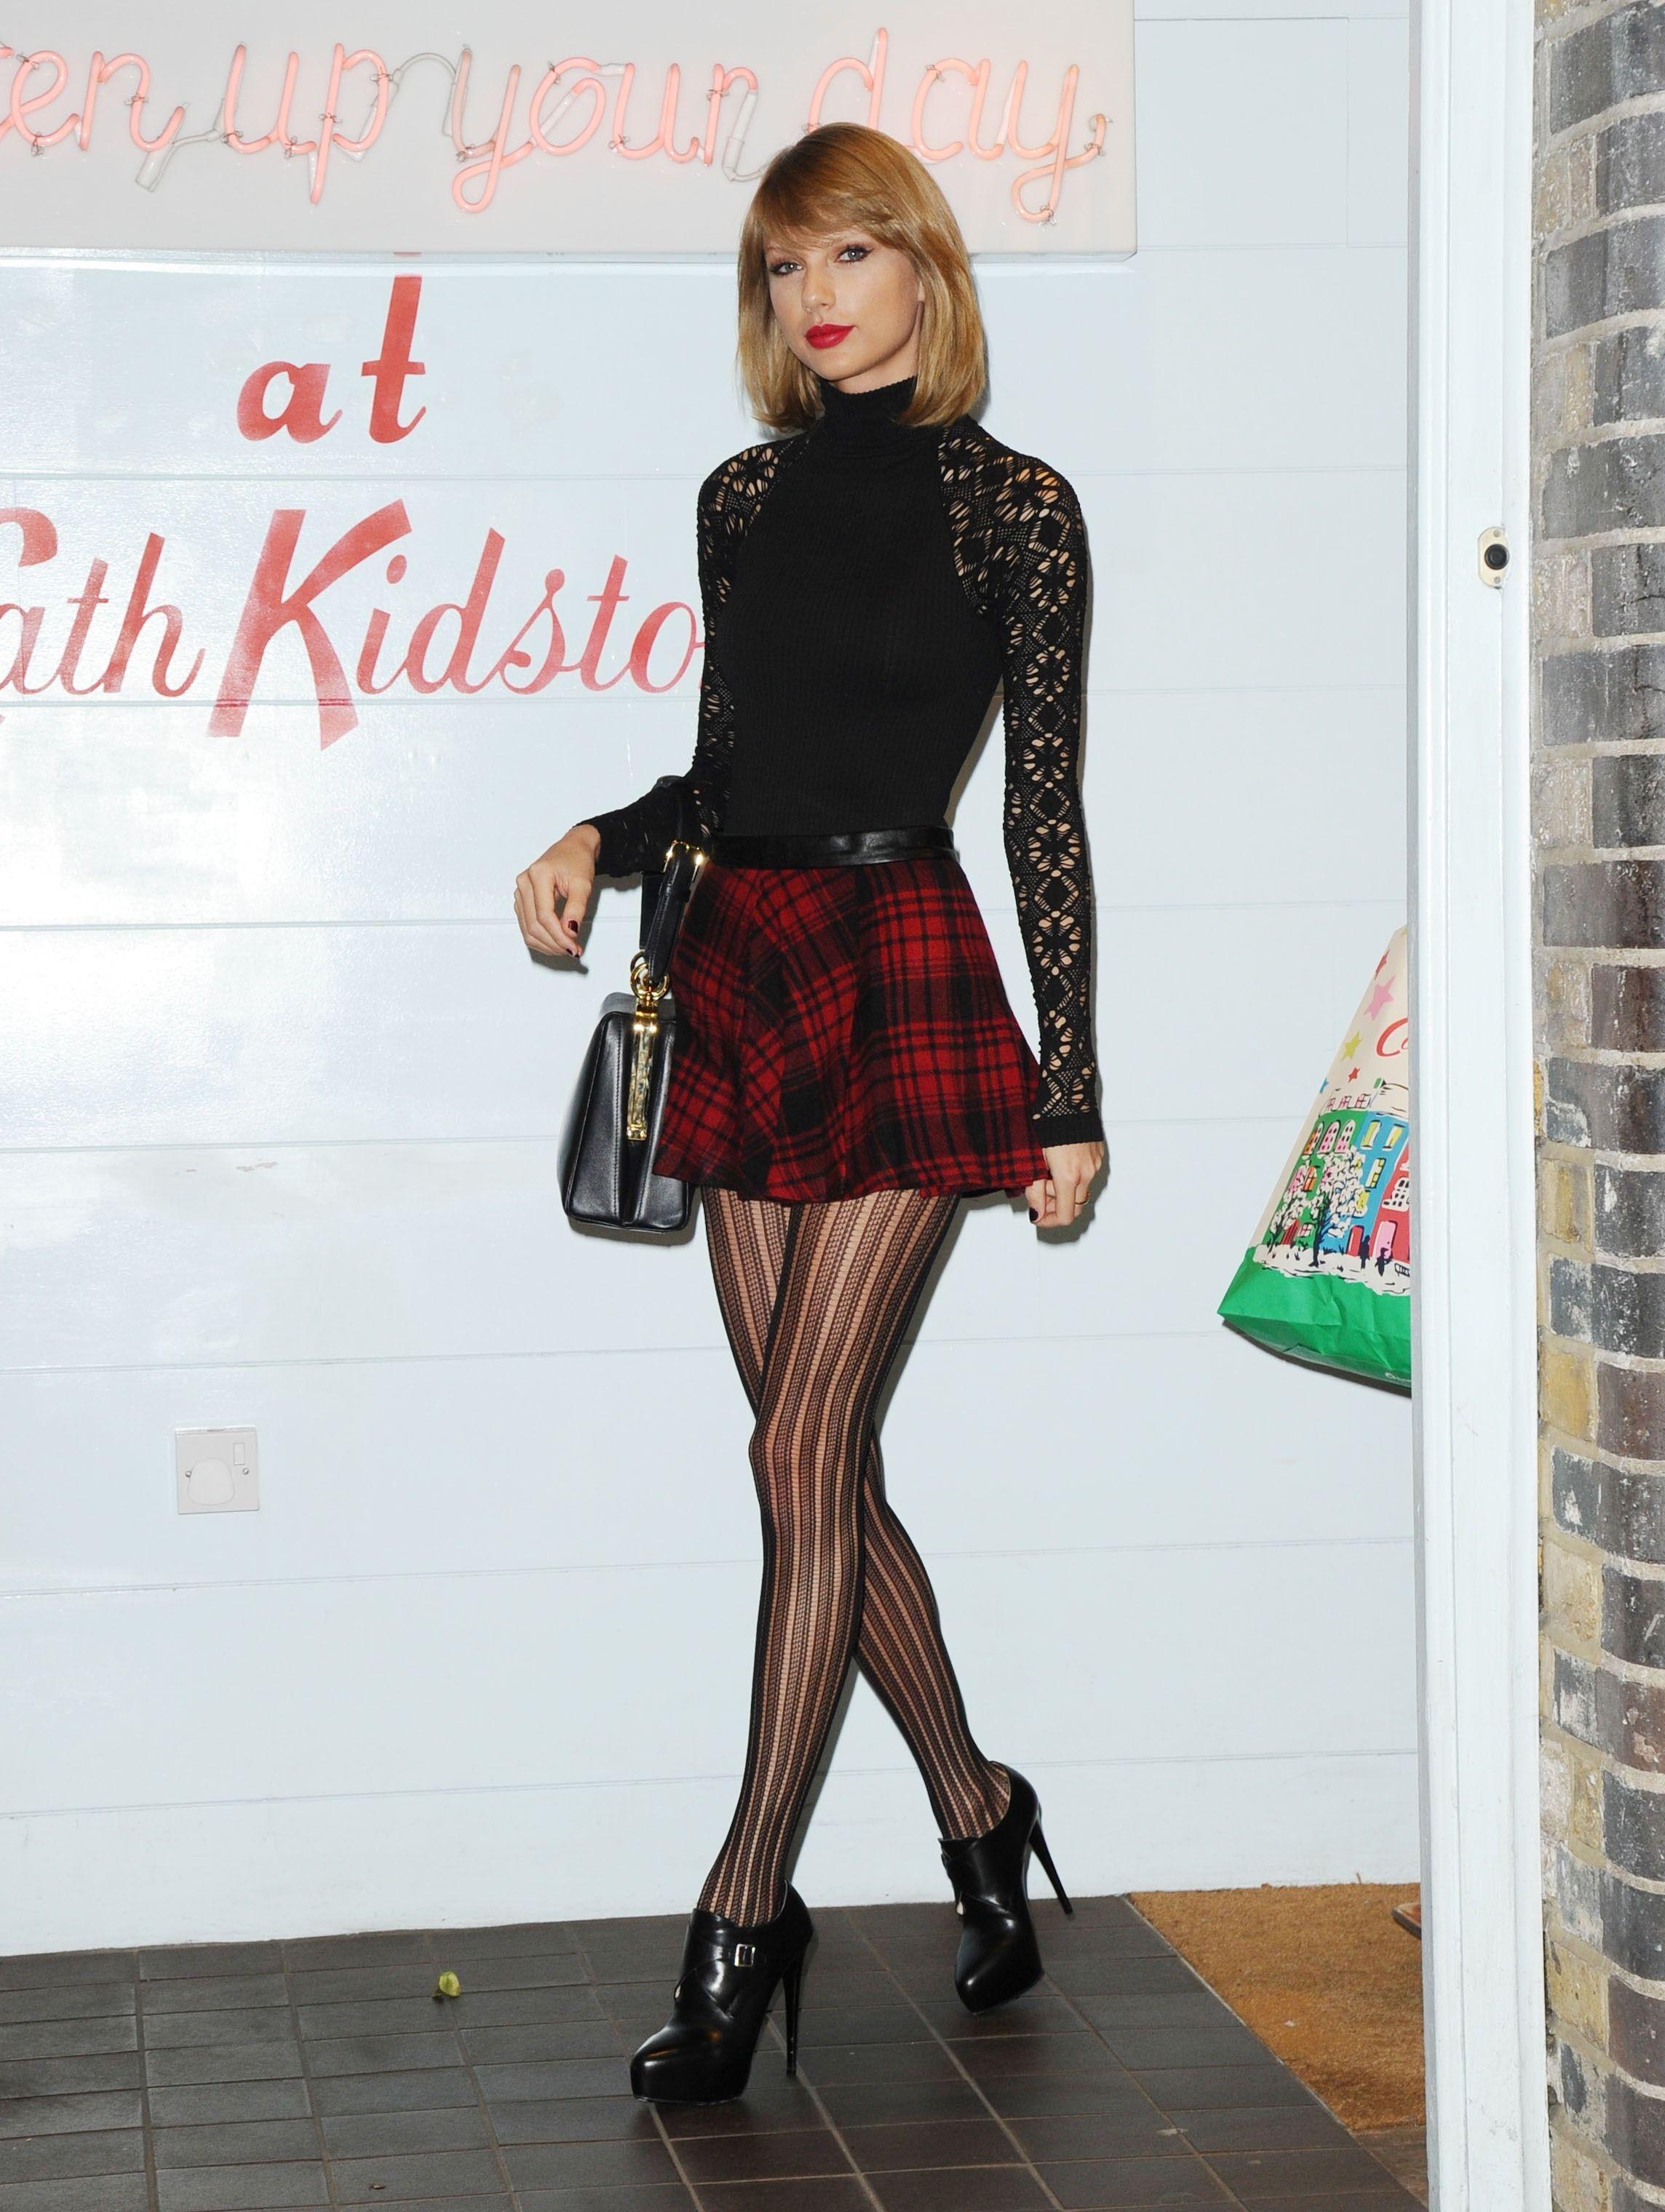 Épinglé sur (白馬) Taylor Swift